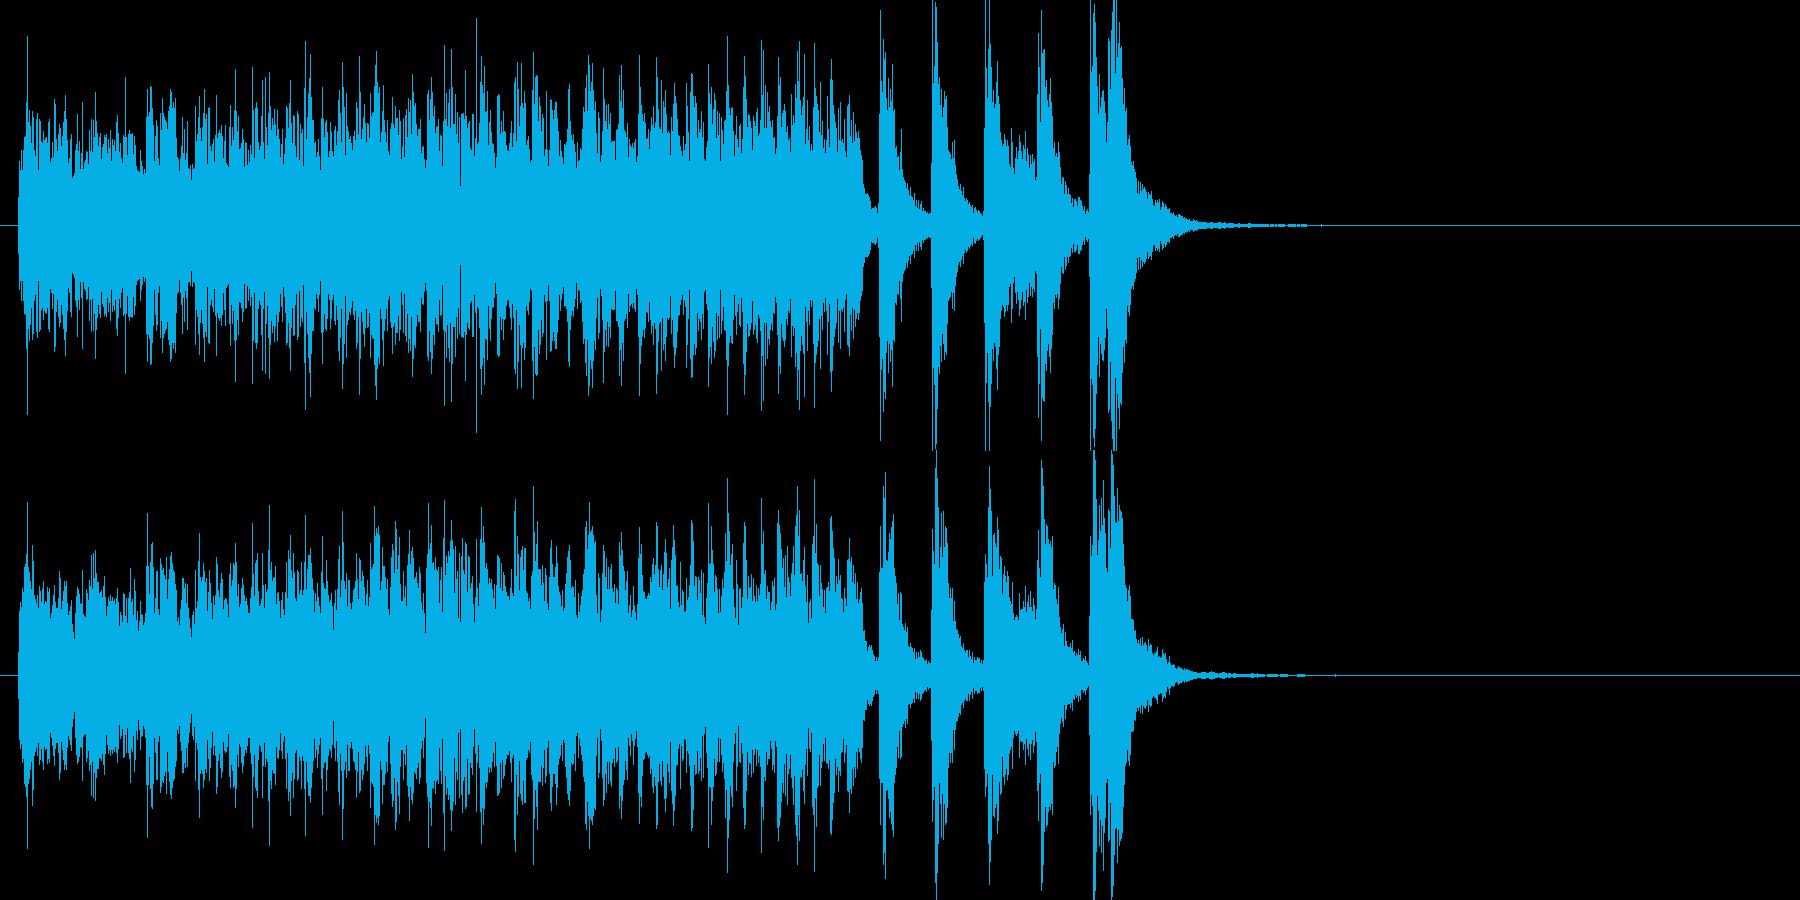 琴と尺八によるハイテンションの和風ポップの再生済みの波形